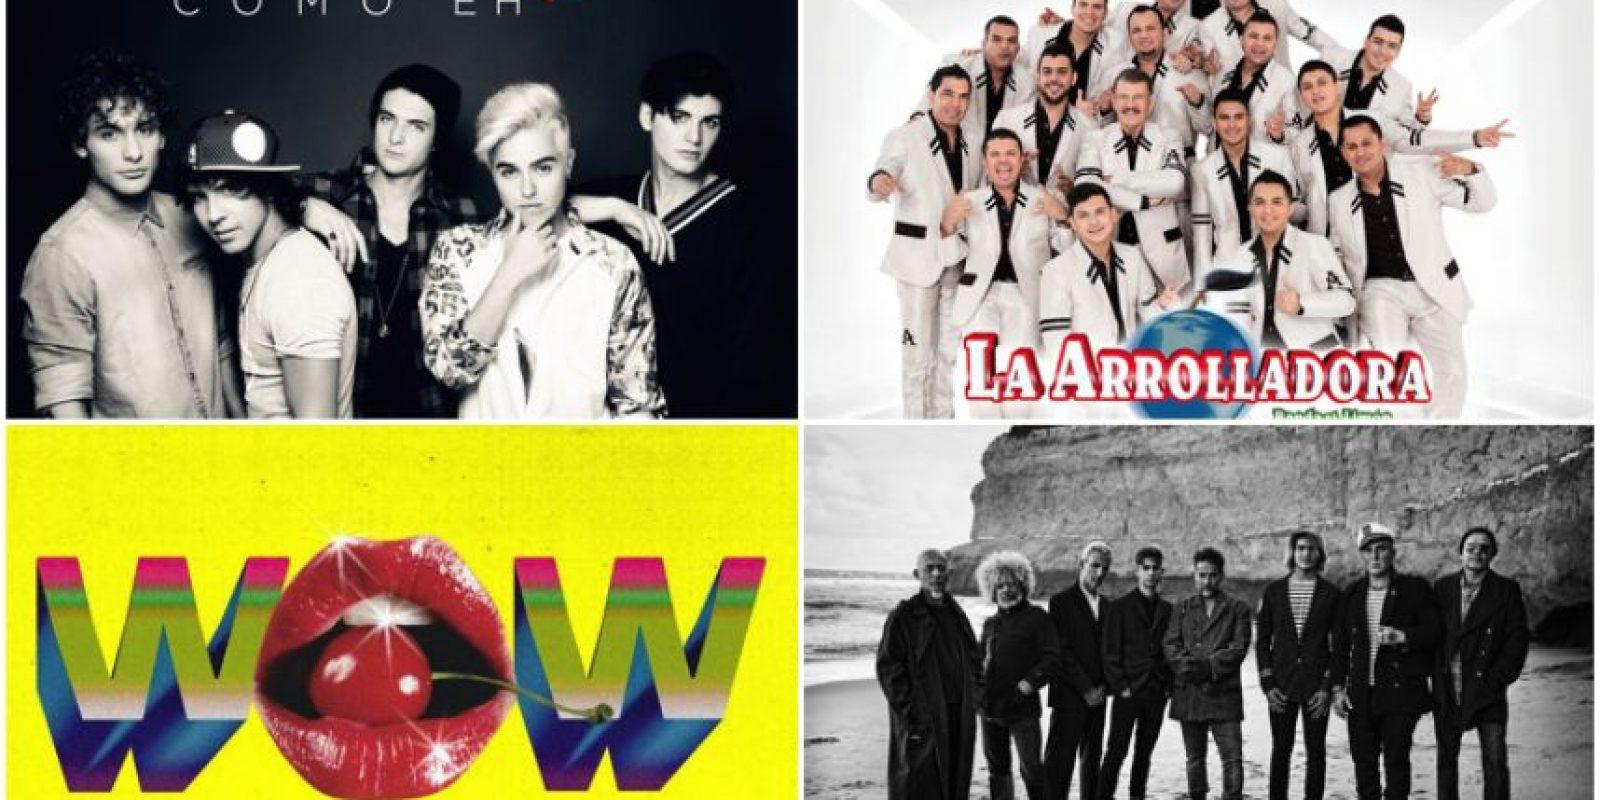 Variedad de estrenos musicales esta semana